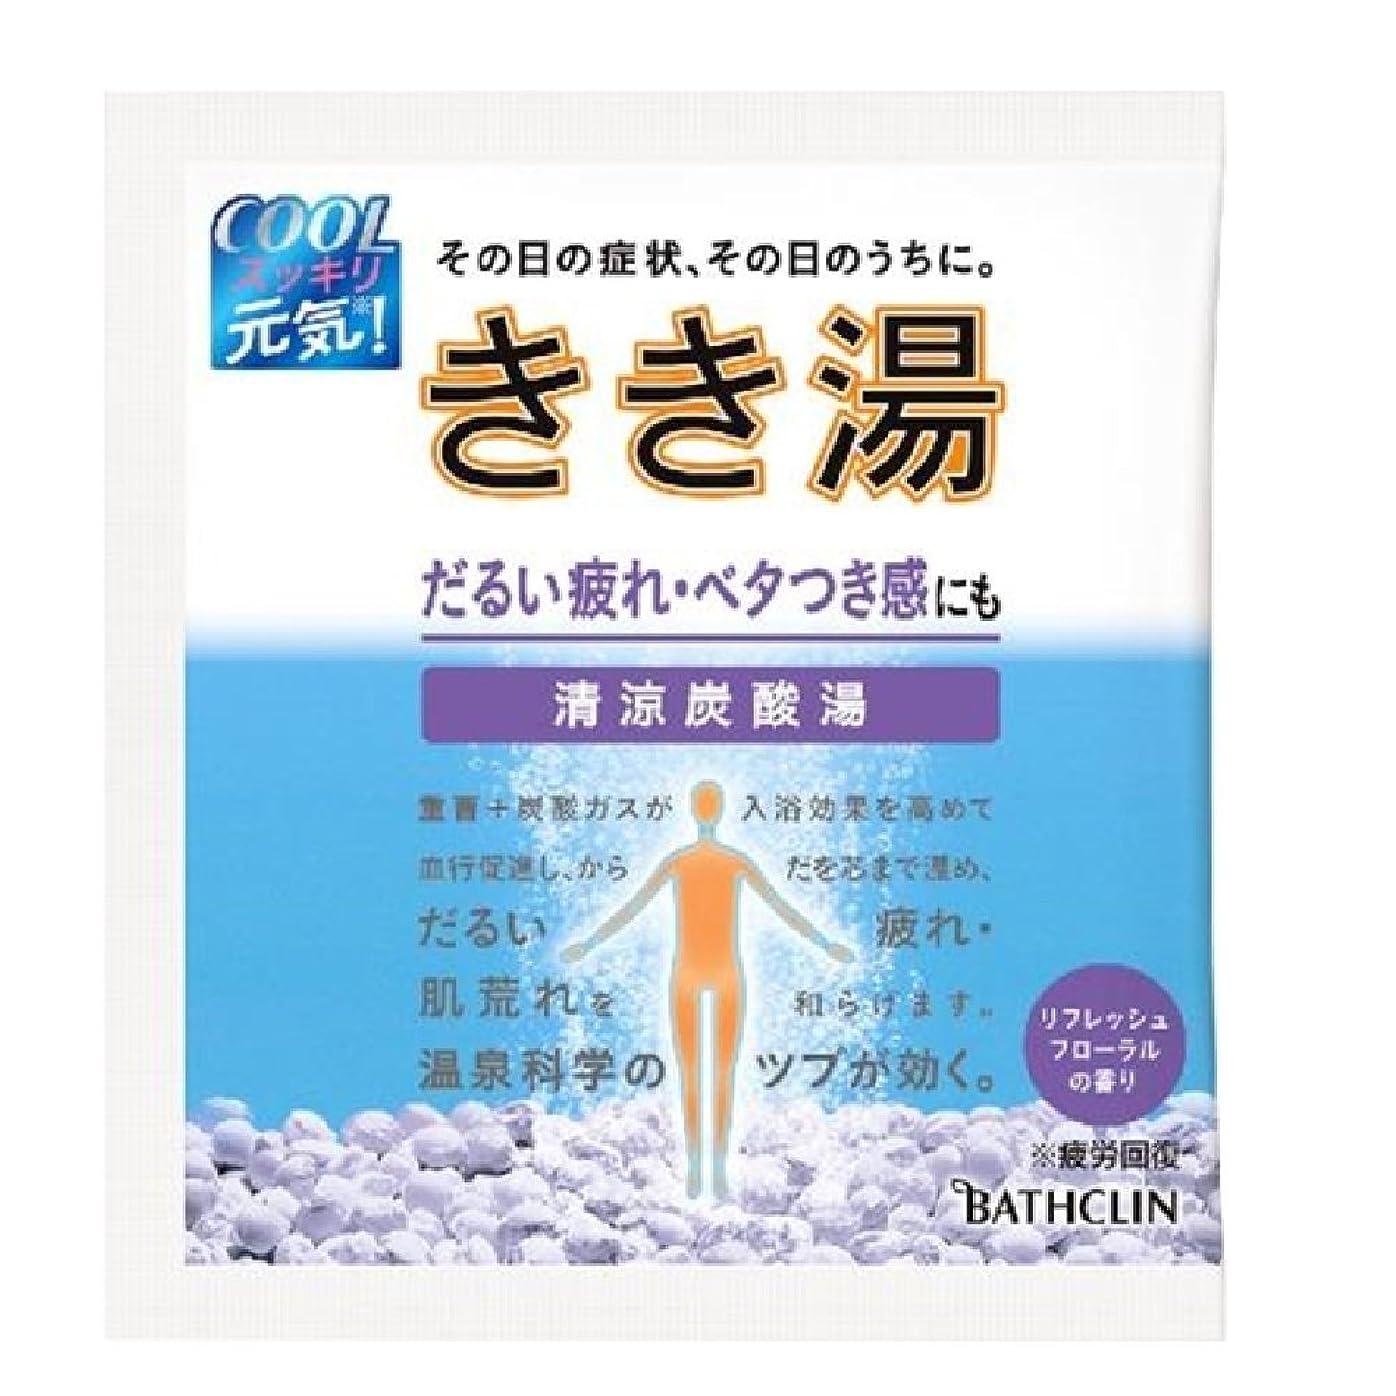 海洋冒険ストライク【バスクリン】 きき湯 清涼炭酸湯 リフレッシュフローラルの香り 分包 30g (医薬部外品)